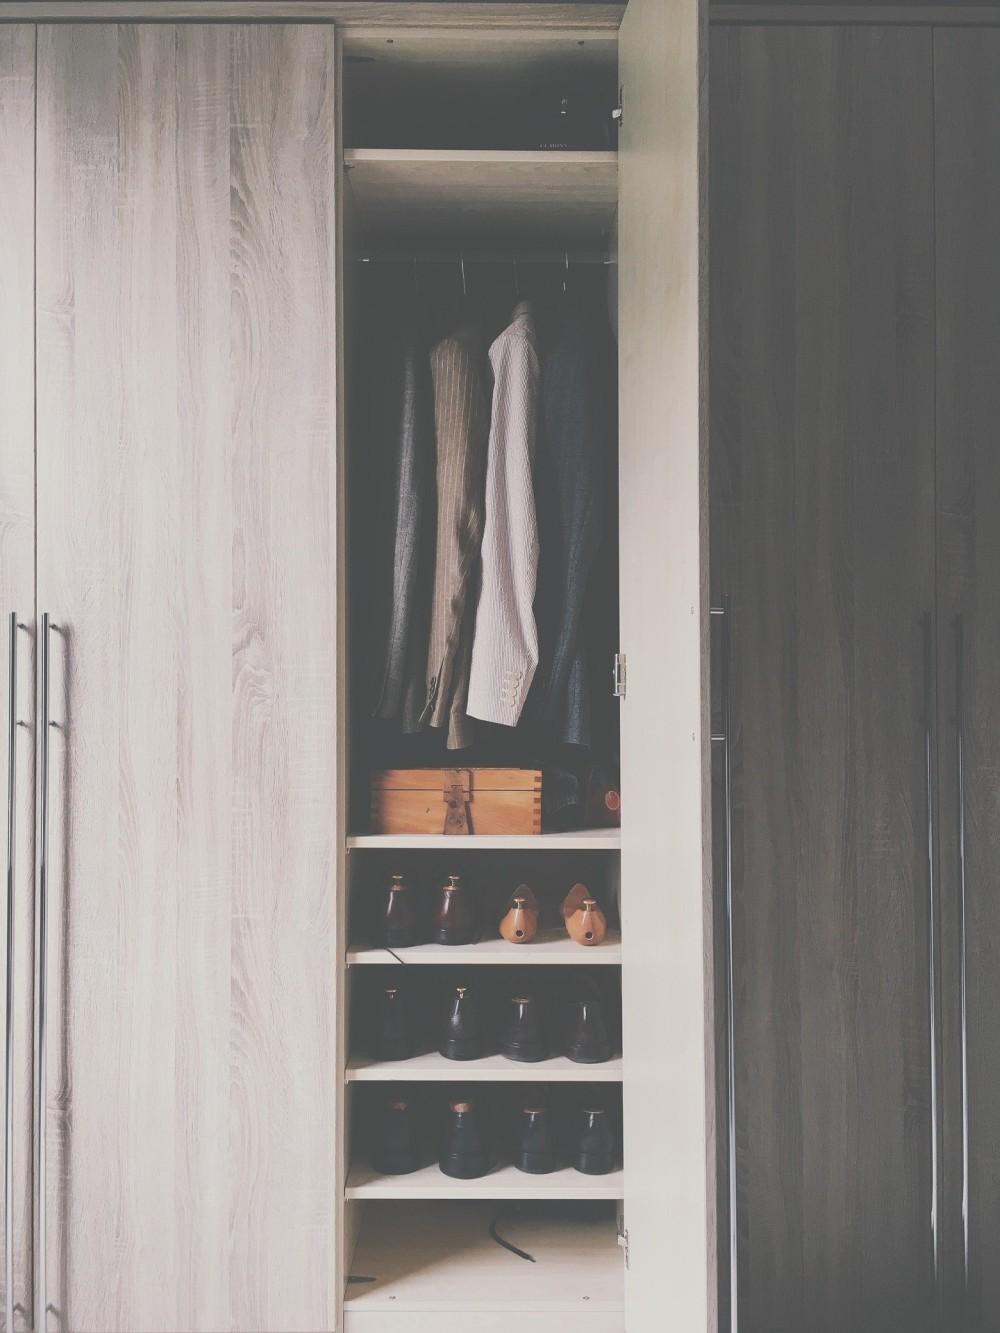 шкаф на заказ, интерьер гардероба на заказ, ящики на заказ в шкафу